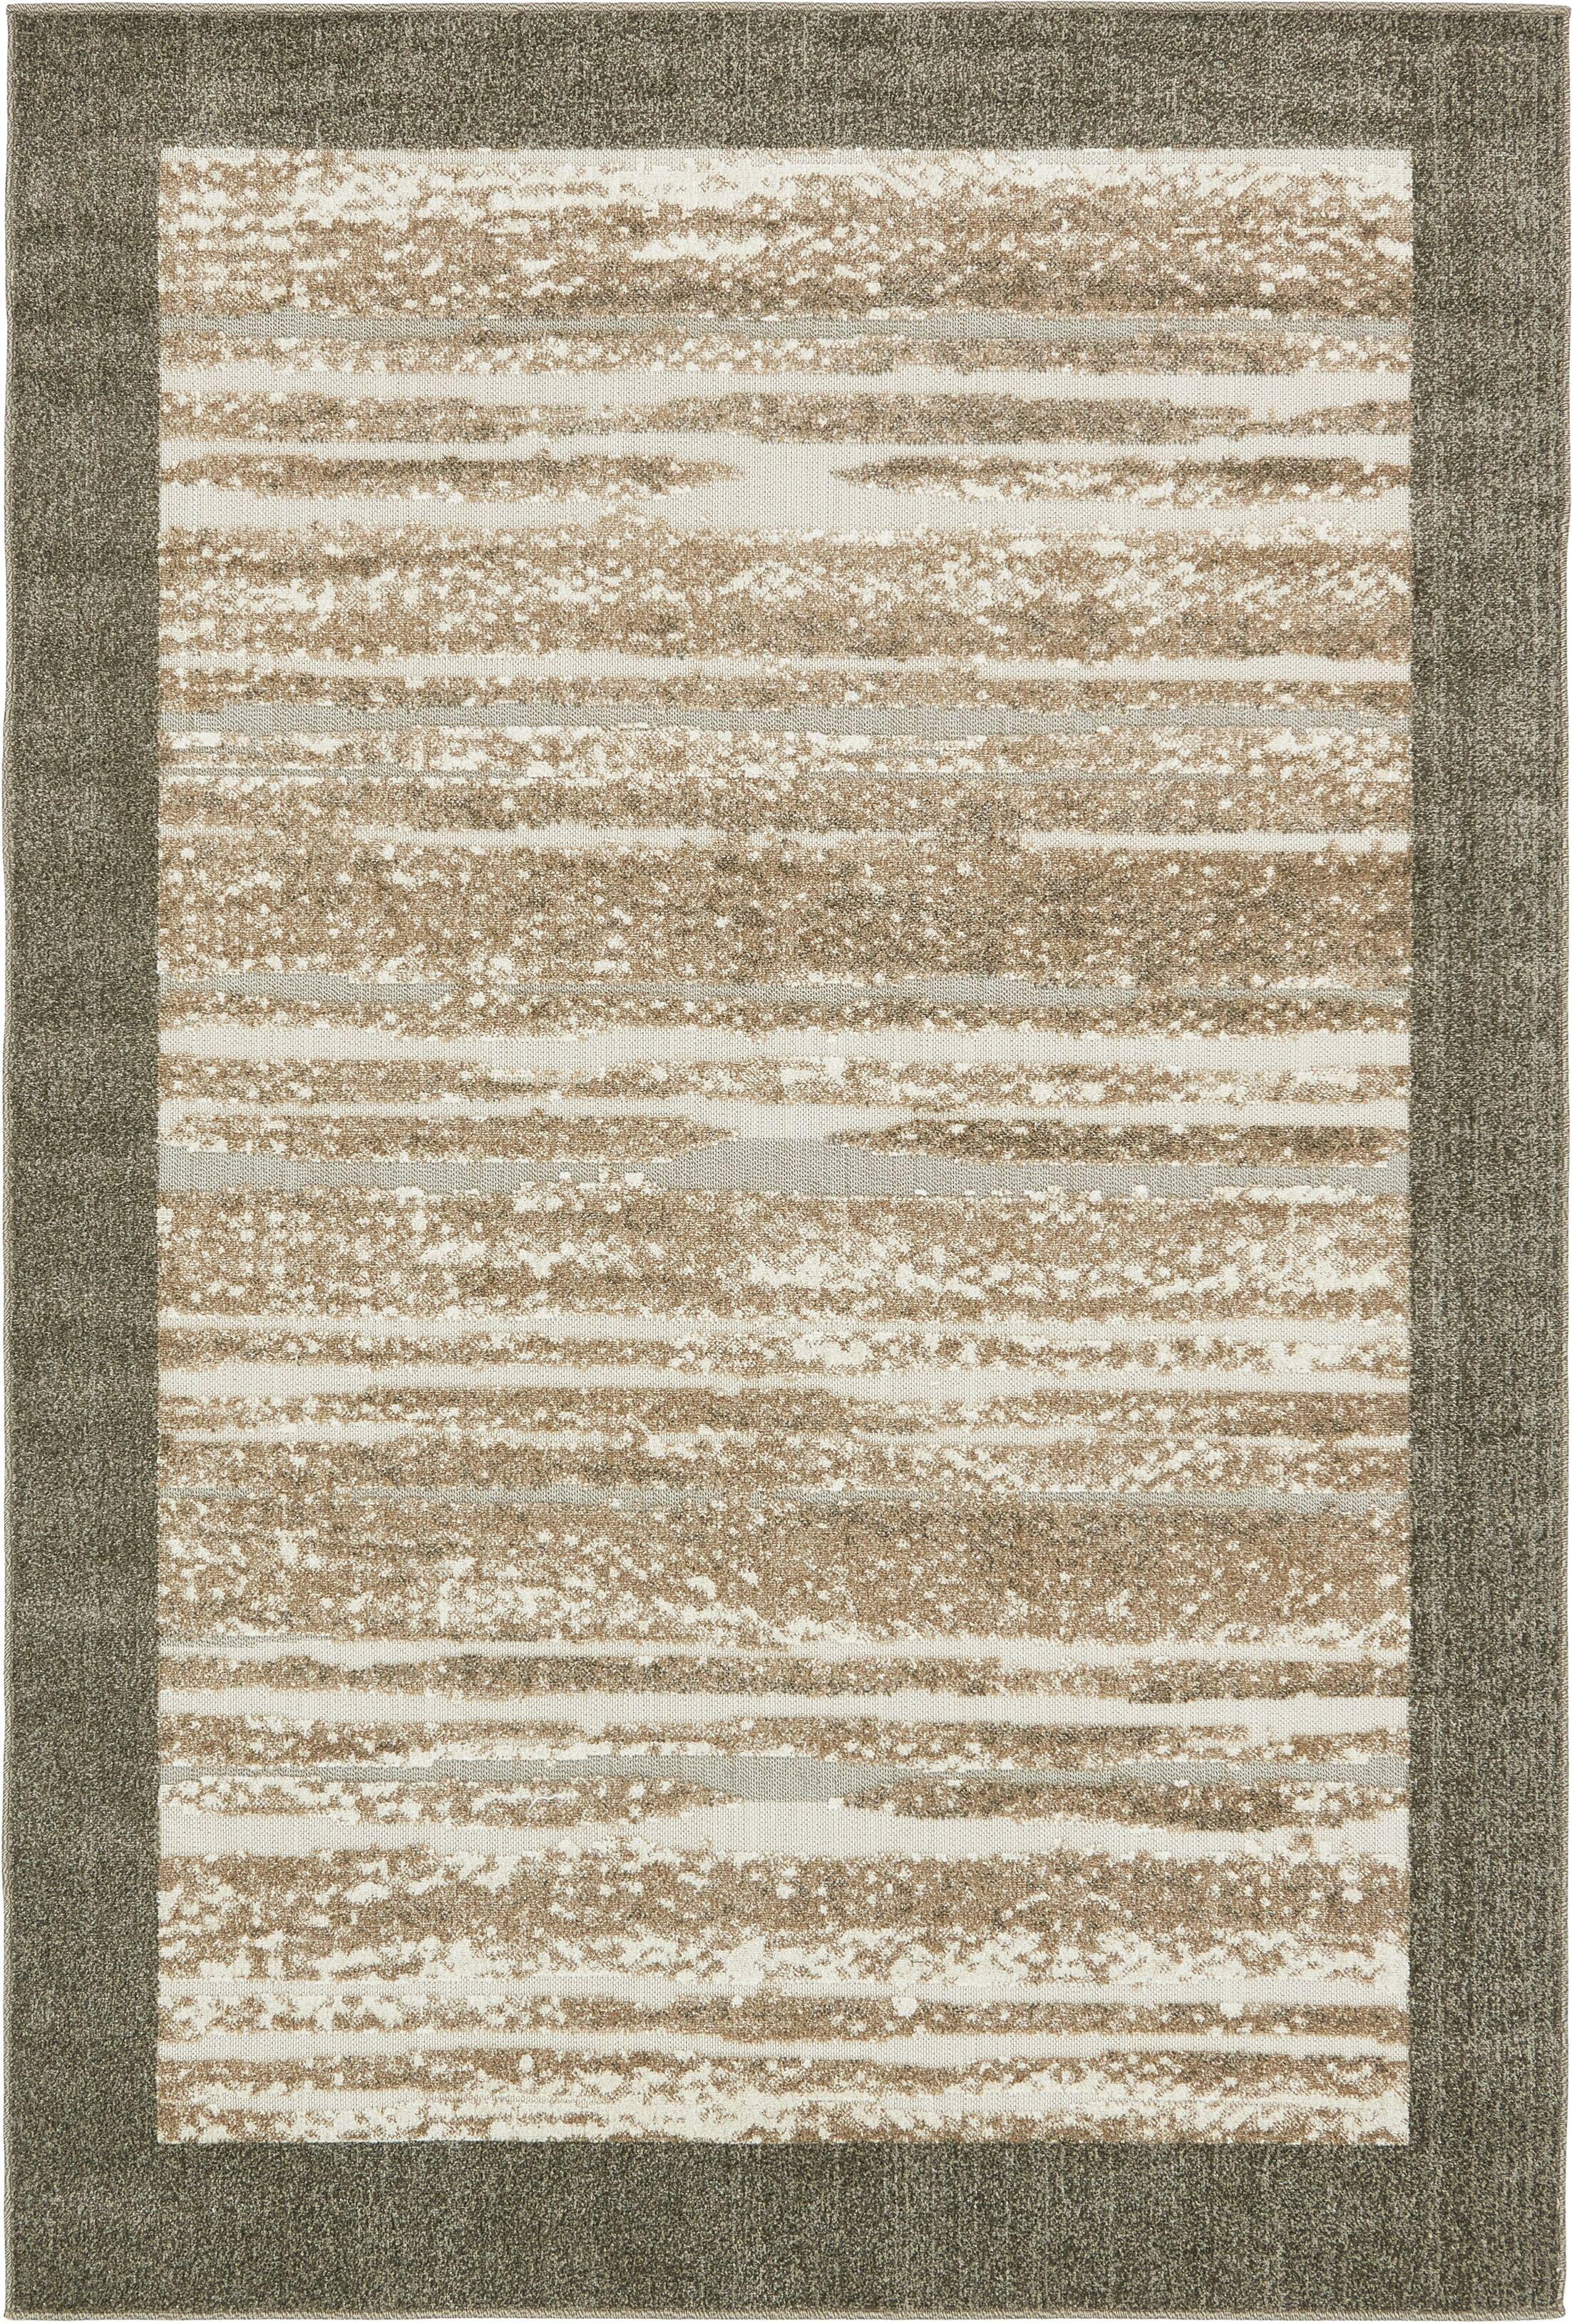 Koopman Brown Indoor/Outdoor Area Rug Rug Size: Rectangle 6' x 9'